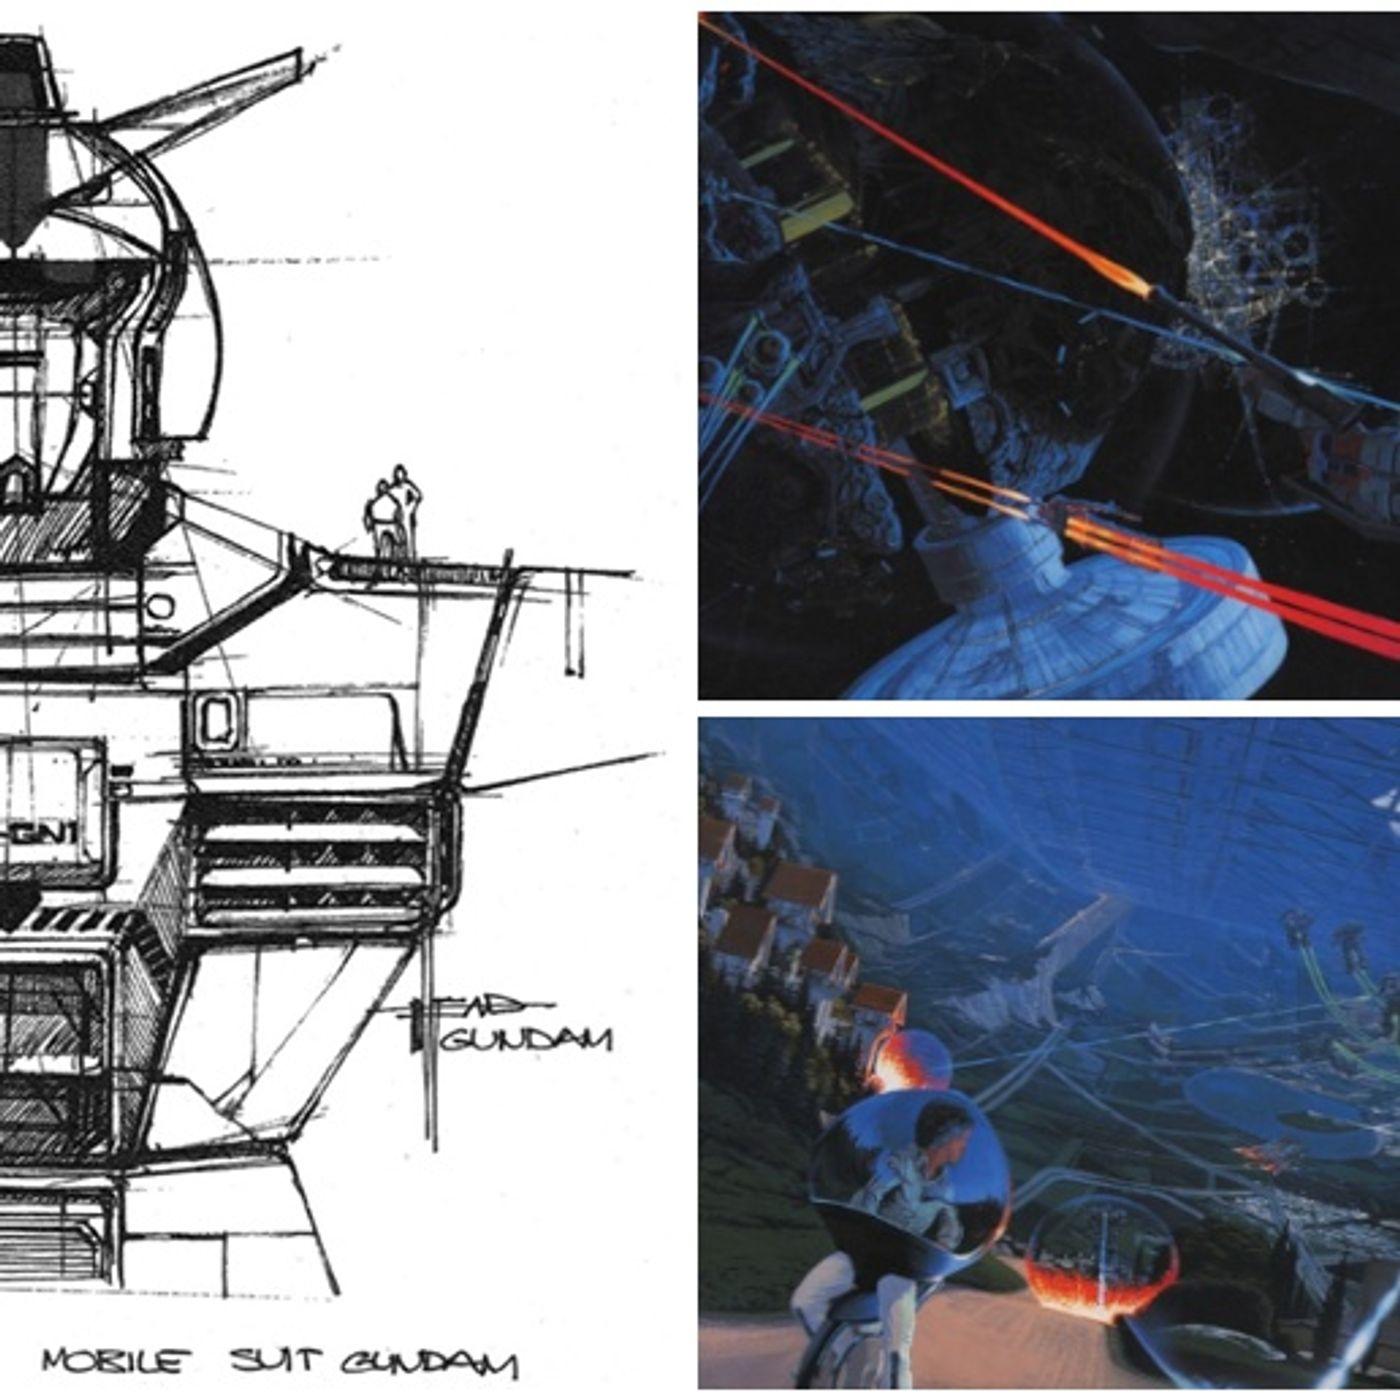 Episode 75: Mobile Suit Gundam